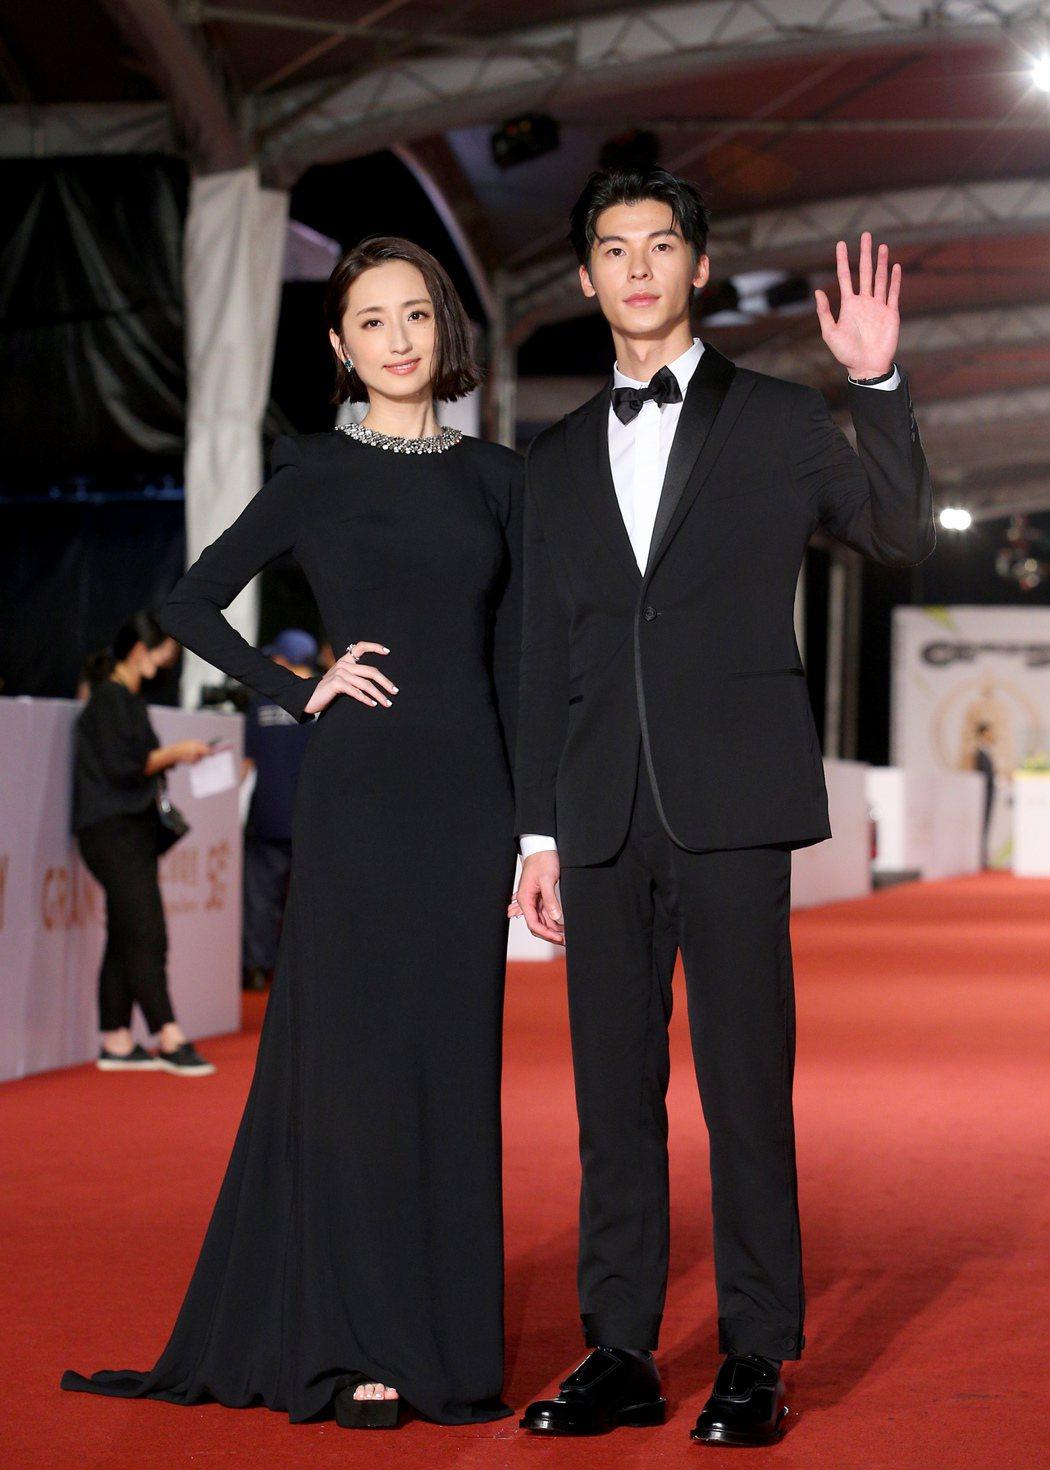 第55屆金鐘獎頒獎典禮在國父紀念館舉行,柯佳嬿(左)與許光漢(右)走星光大道。記...